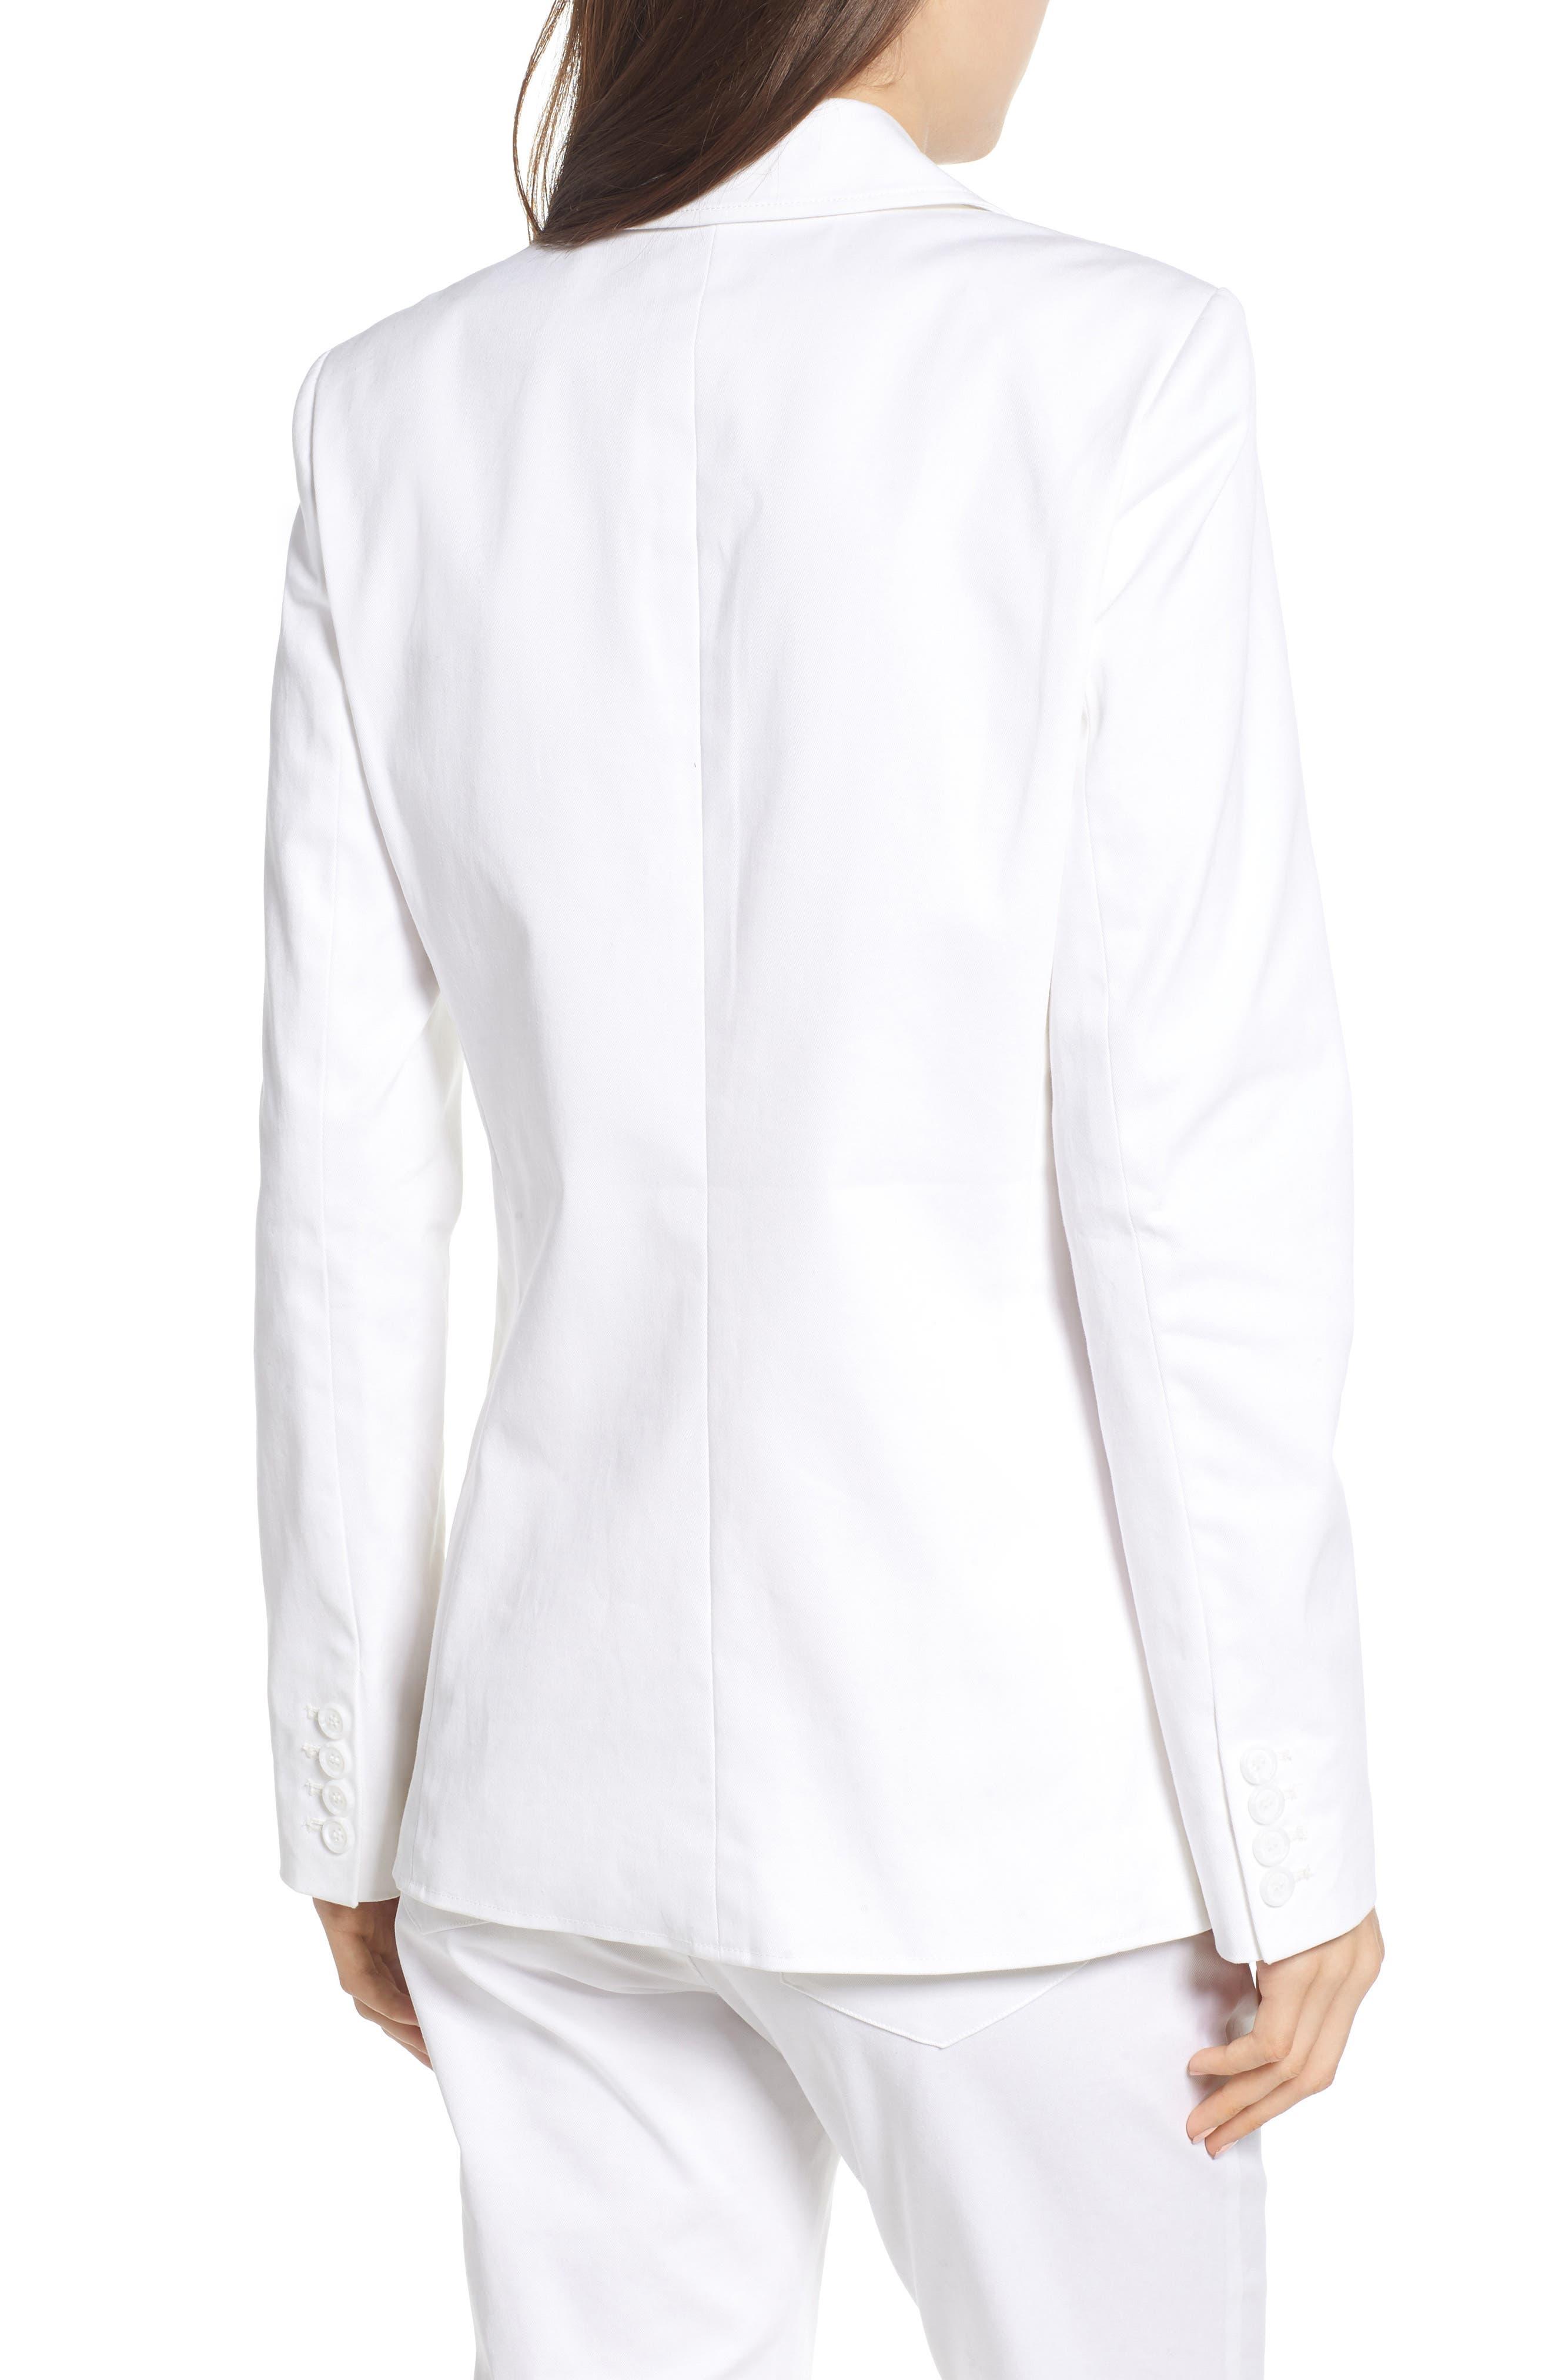 Merilee Jacket,                             Alternate thumbnail 2, color,                             WHITE